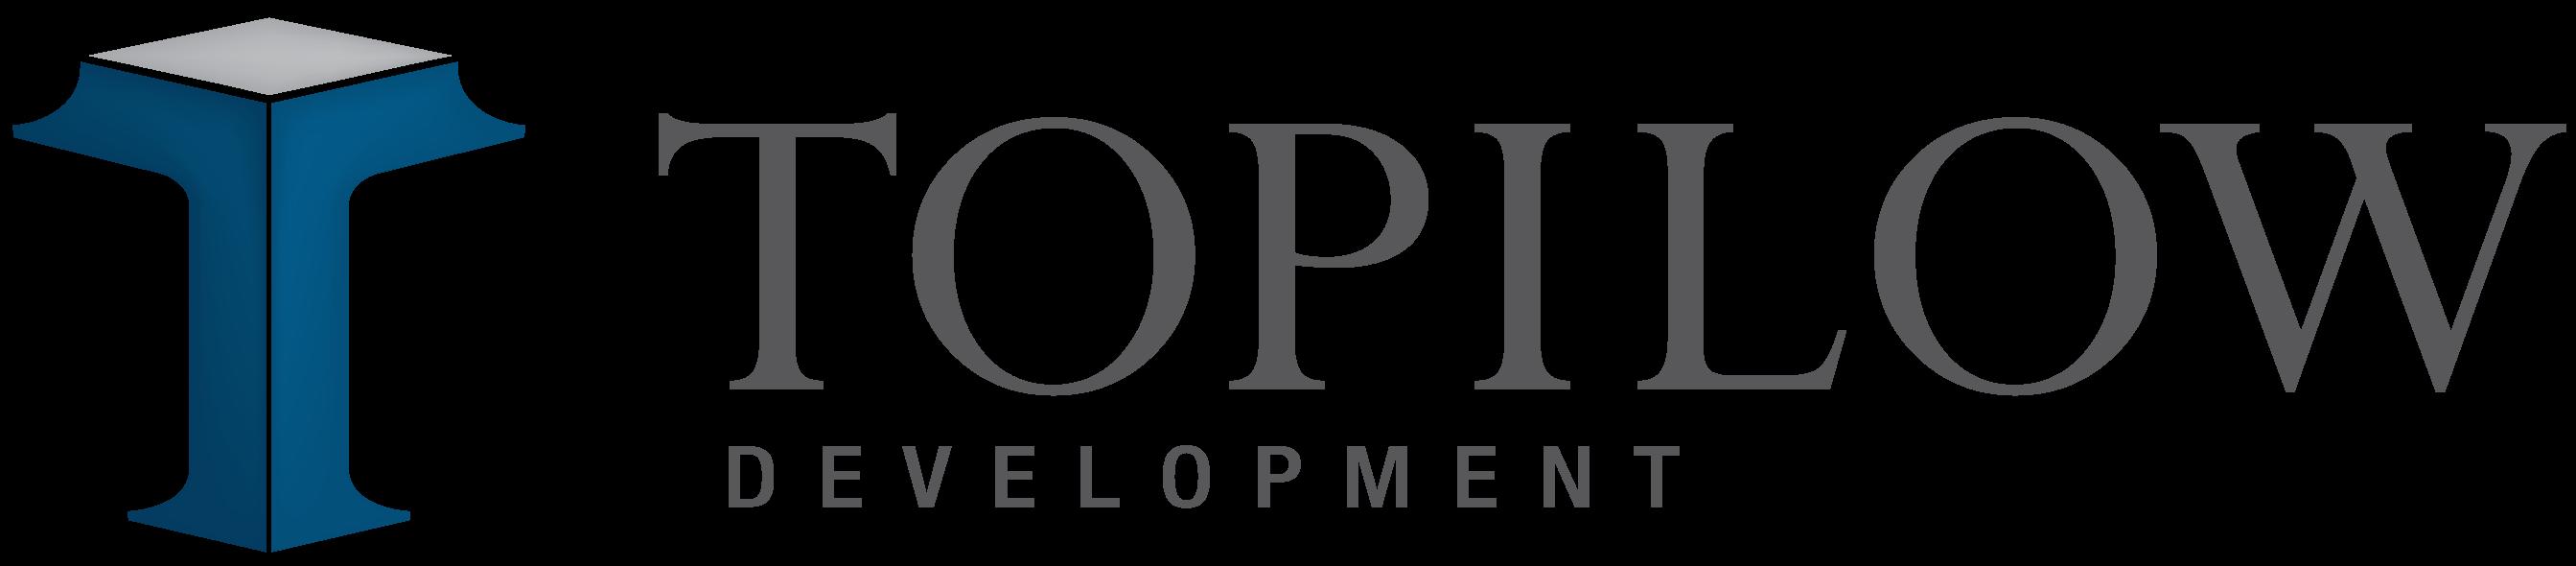 Topilow Development - Westfield, NJ